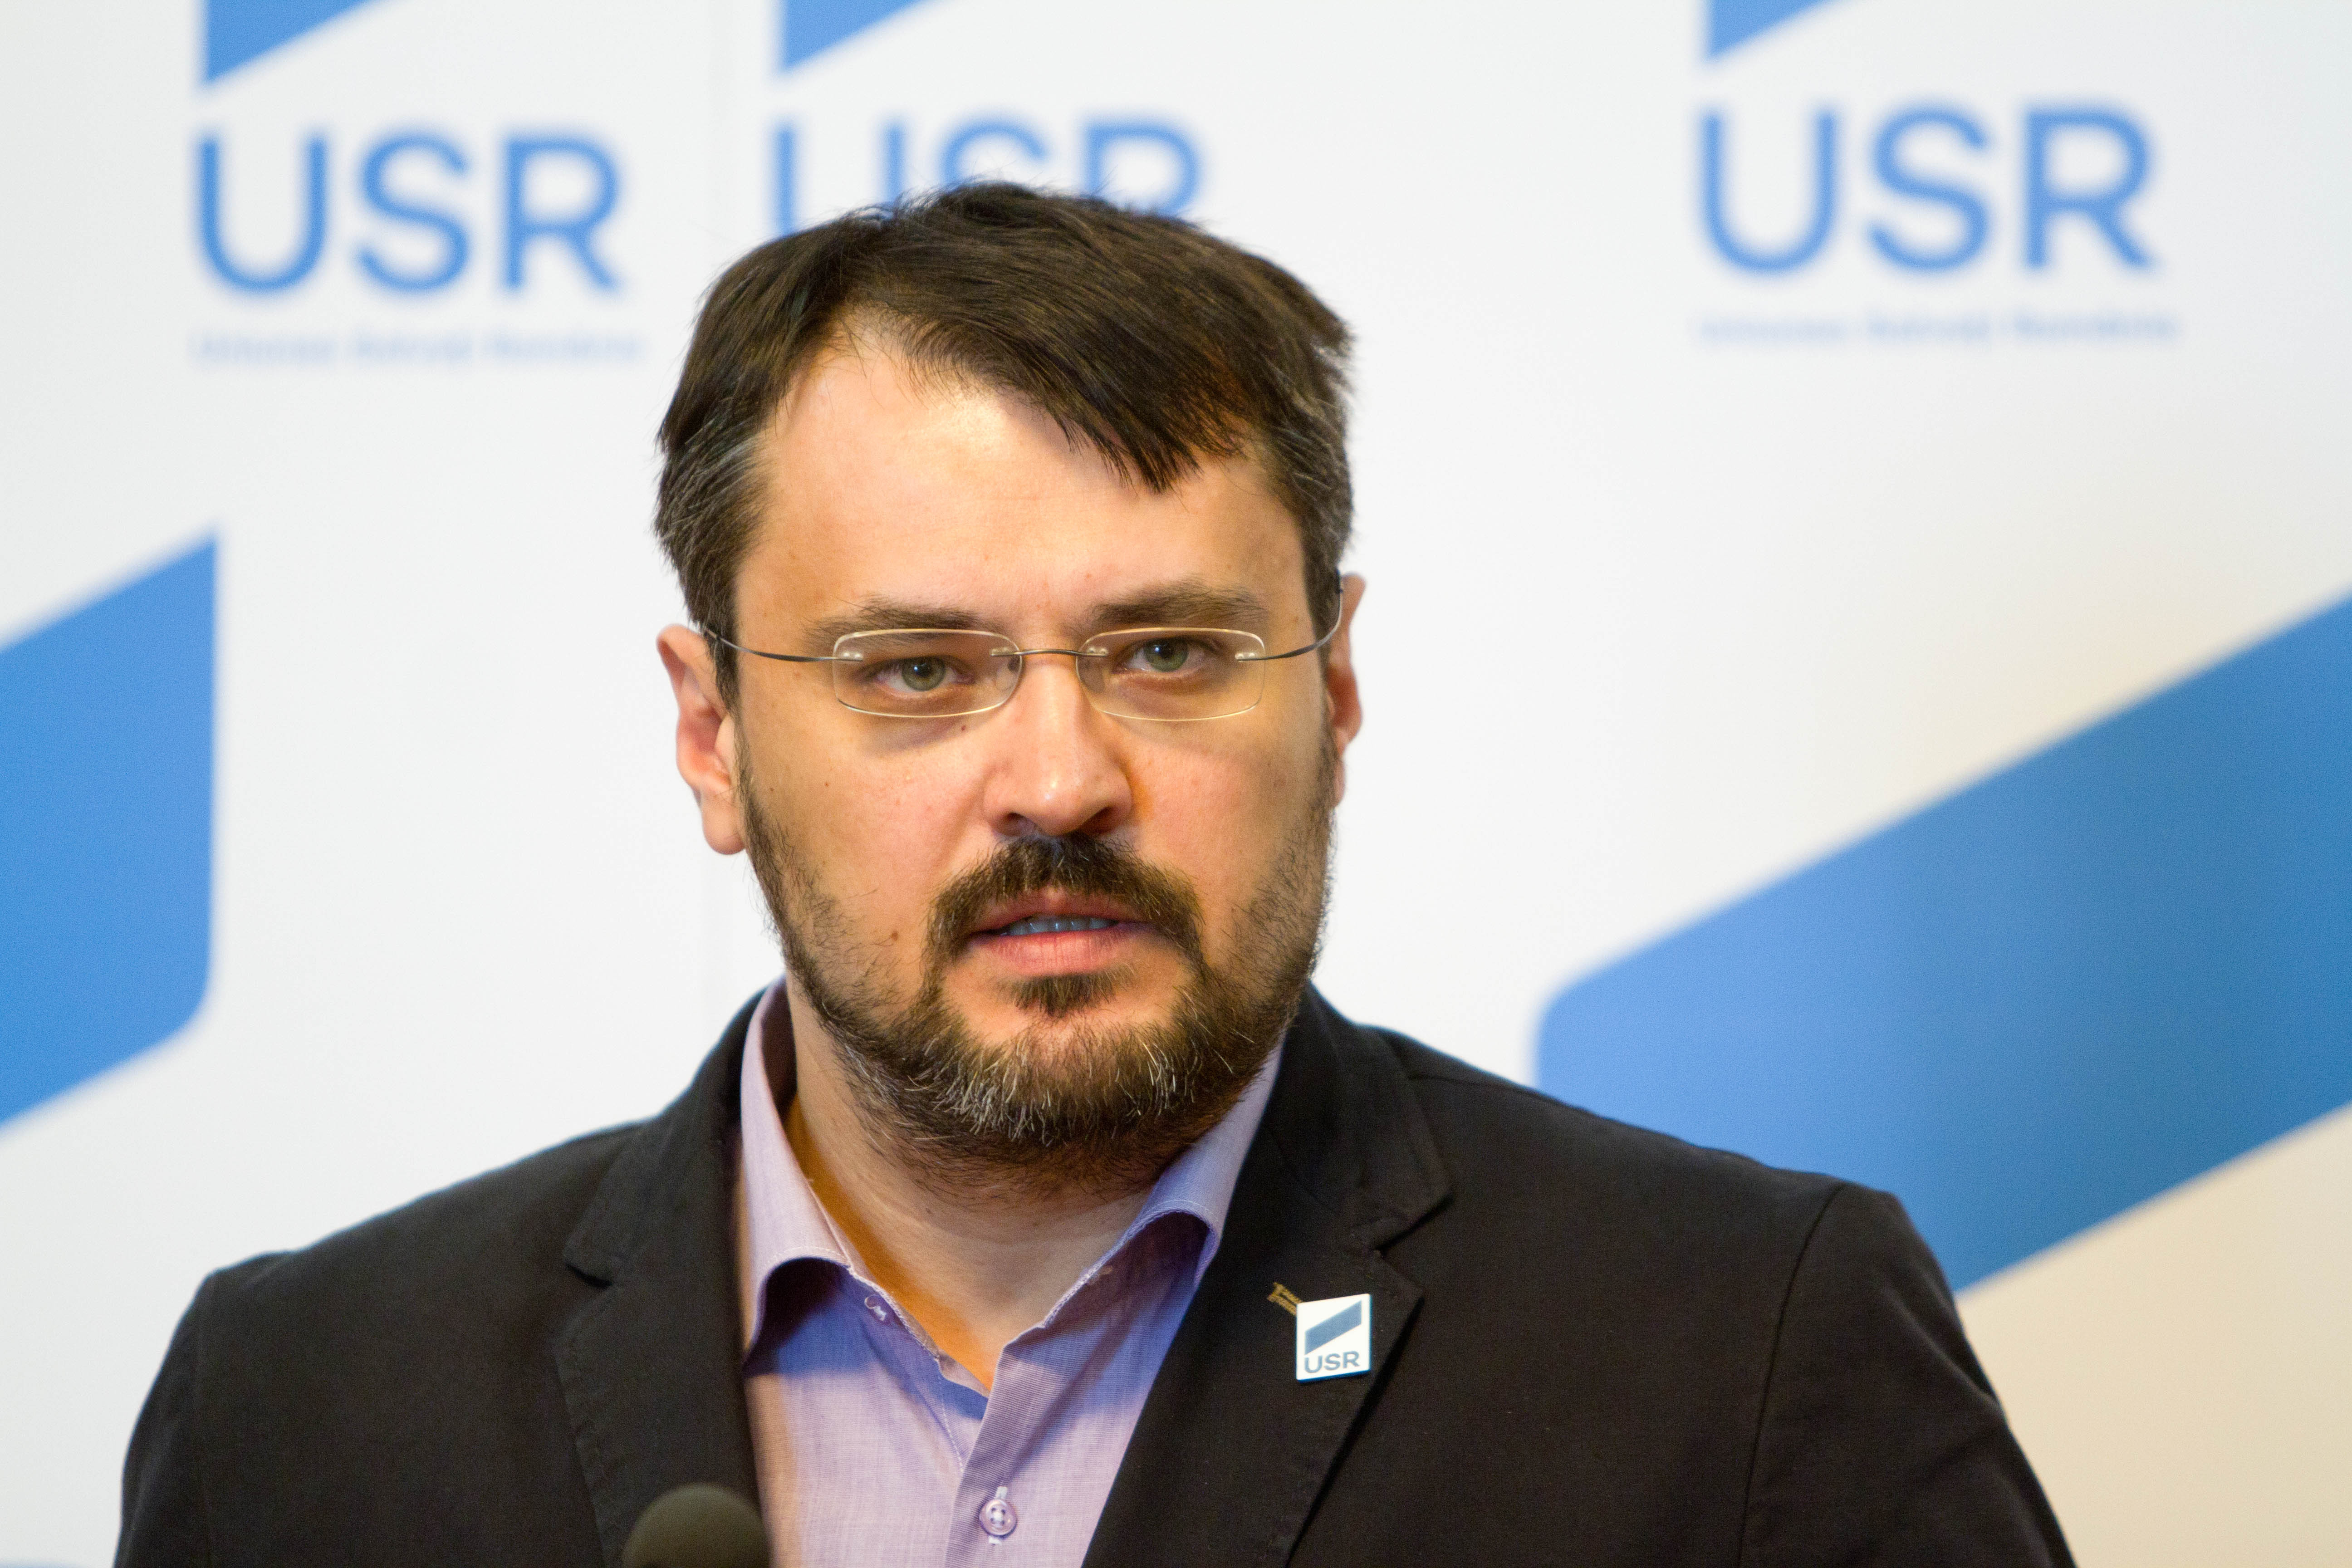 Ghinea: USR se va poziţiona împotriva revizuirii Constituţiei României privind redefinirea familiei